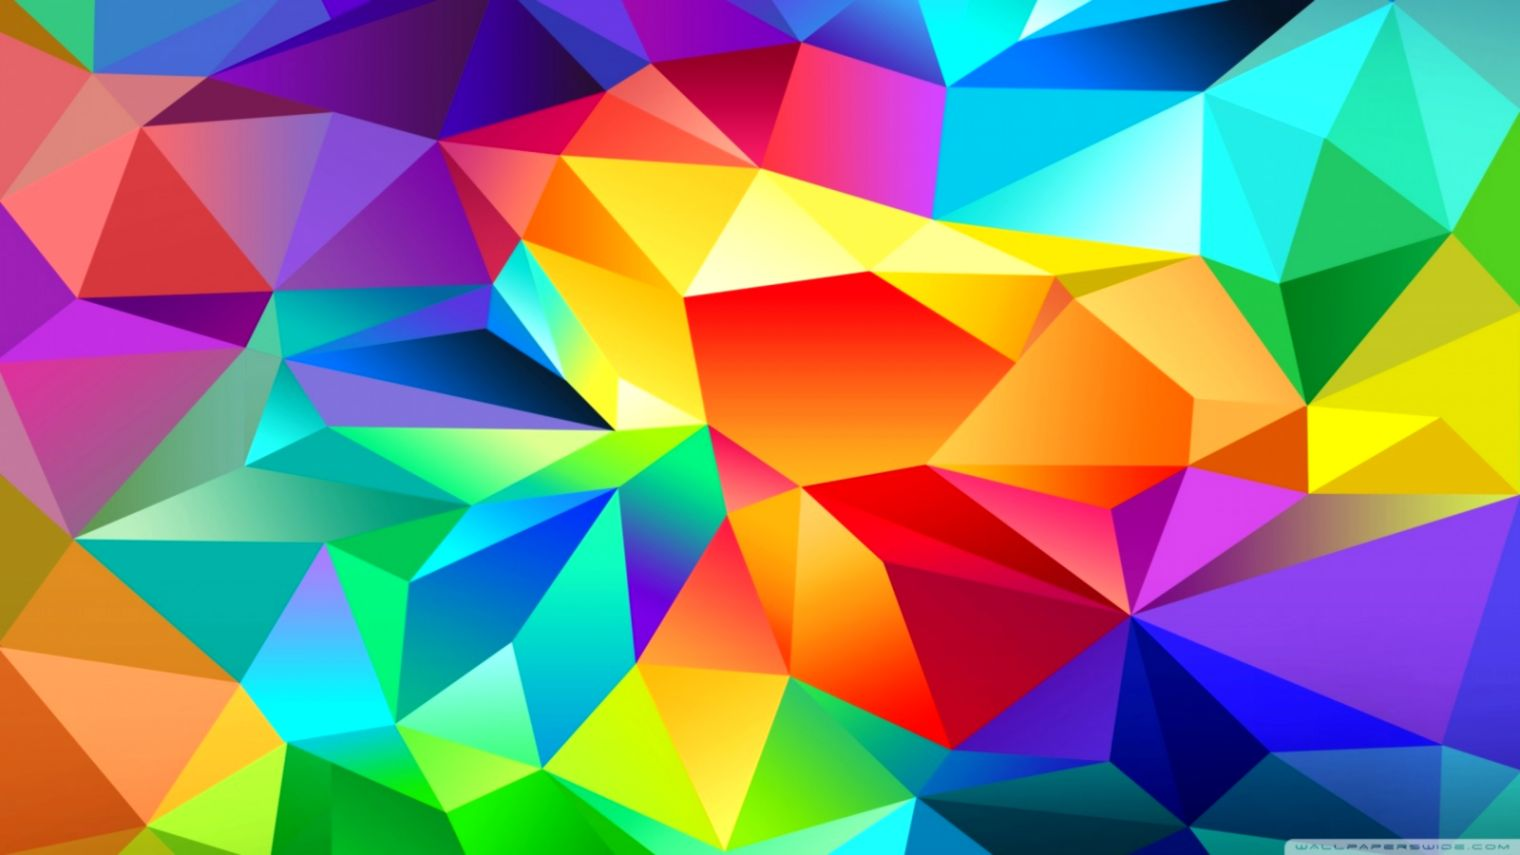 Samsung Galaxy Hd Wallpaper Net Wallpapers